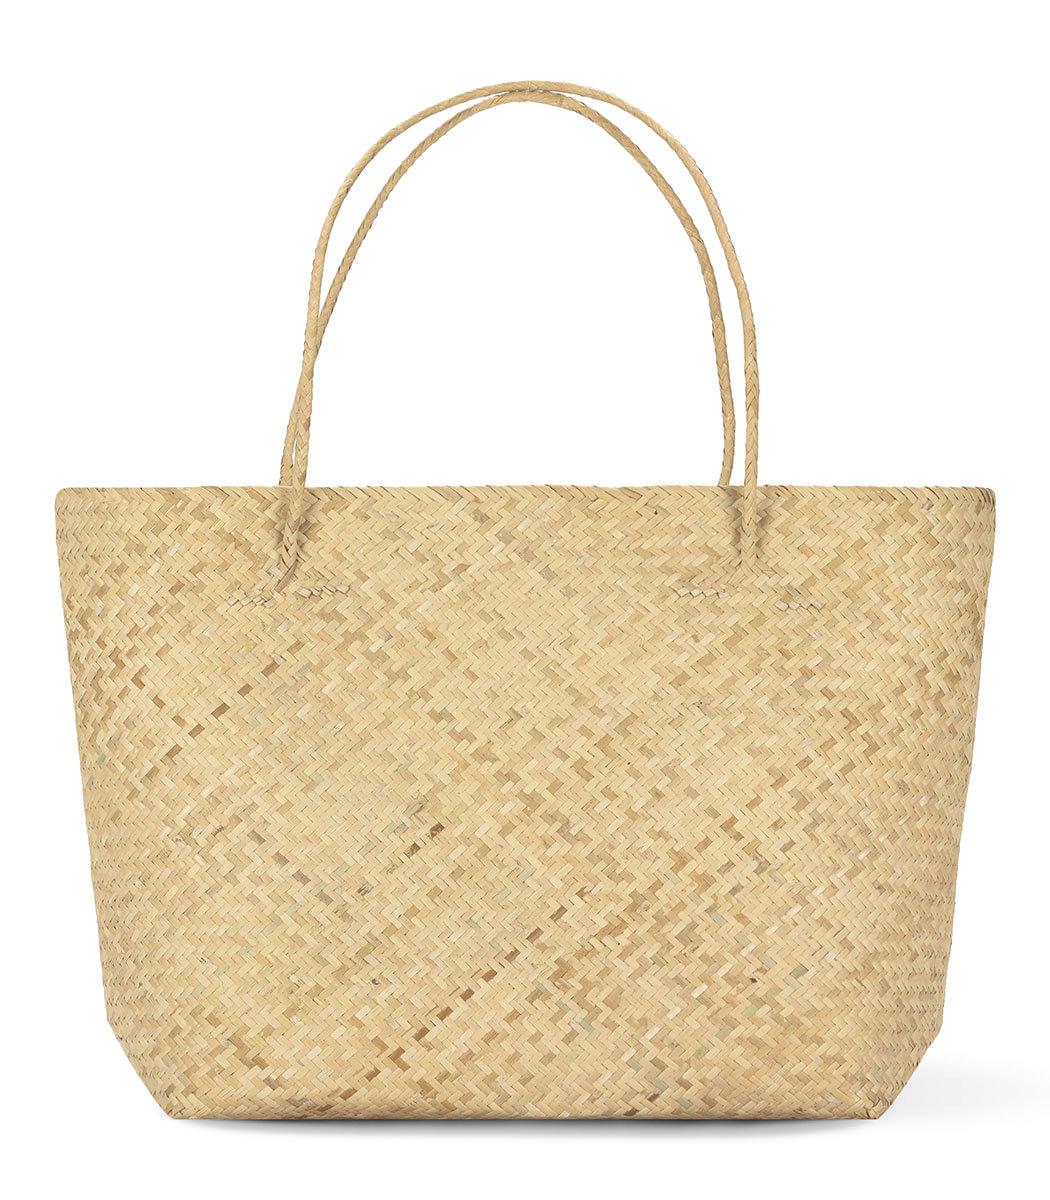 BEMBIEN Lola Bag in Natural